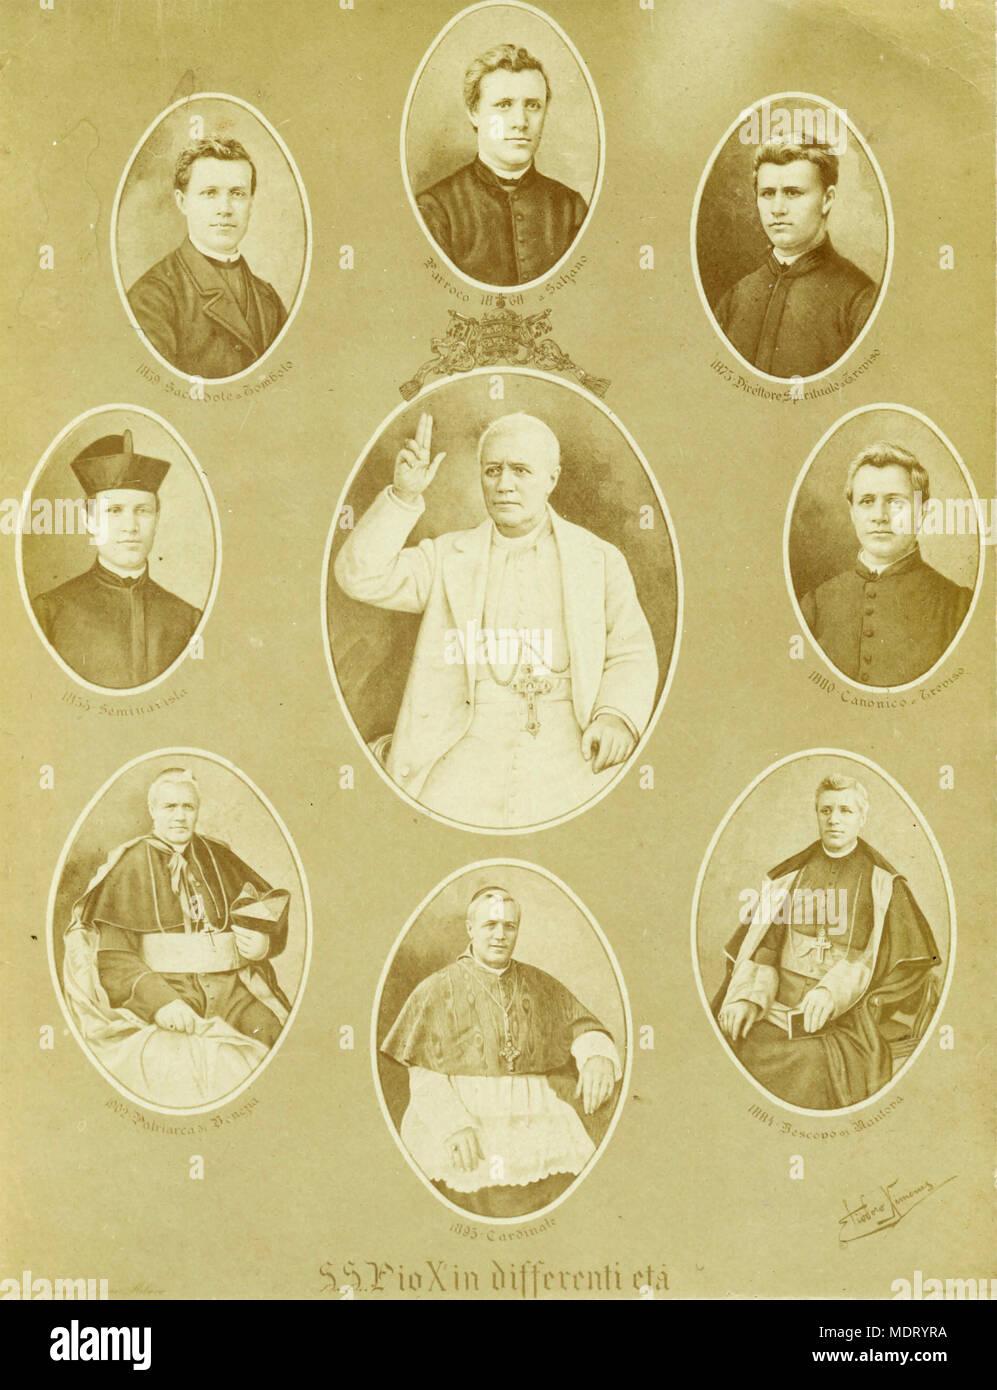 Porträts von Papst Pius X in verschiedenen Altersstufen Stockbild